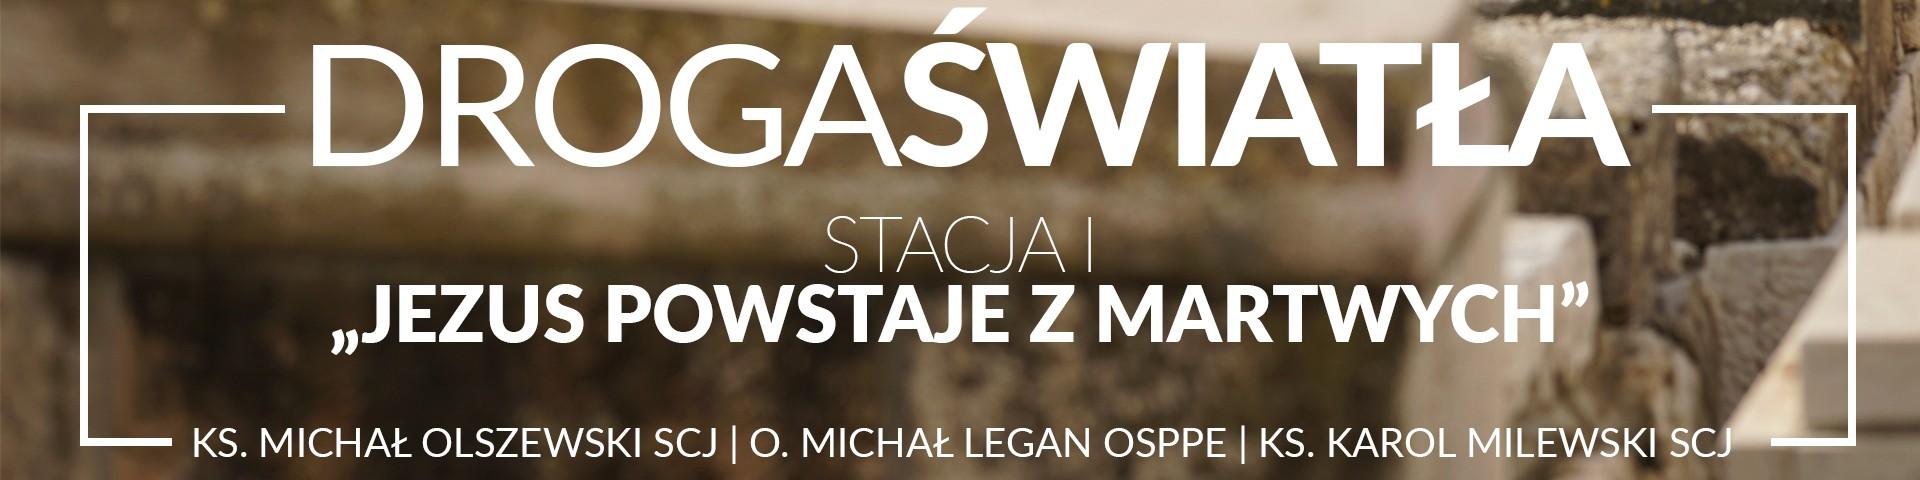 Droga Światła - Stacja I: Jezus powstaje z martwych - ks. Michał Olszewski SCJ (video)